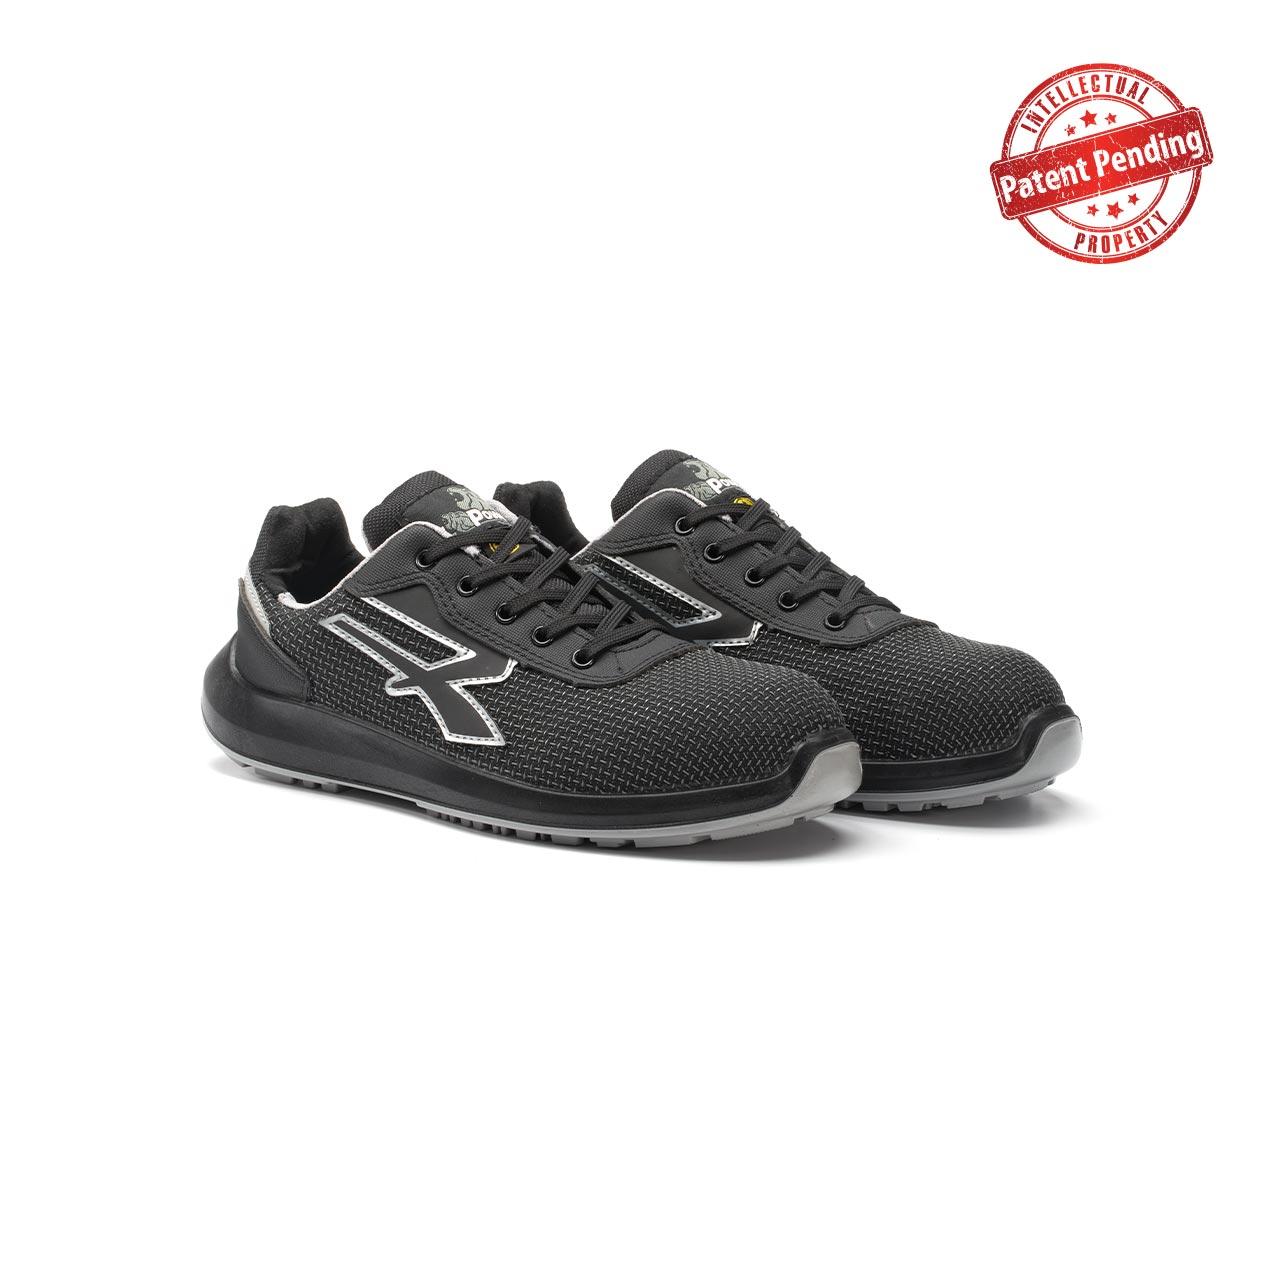 paio di scarpe antinfortunistiche upower modello scudo linea redup vista prospettica